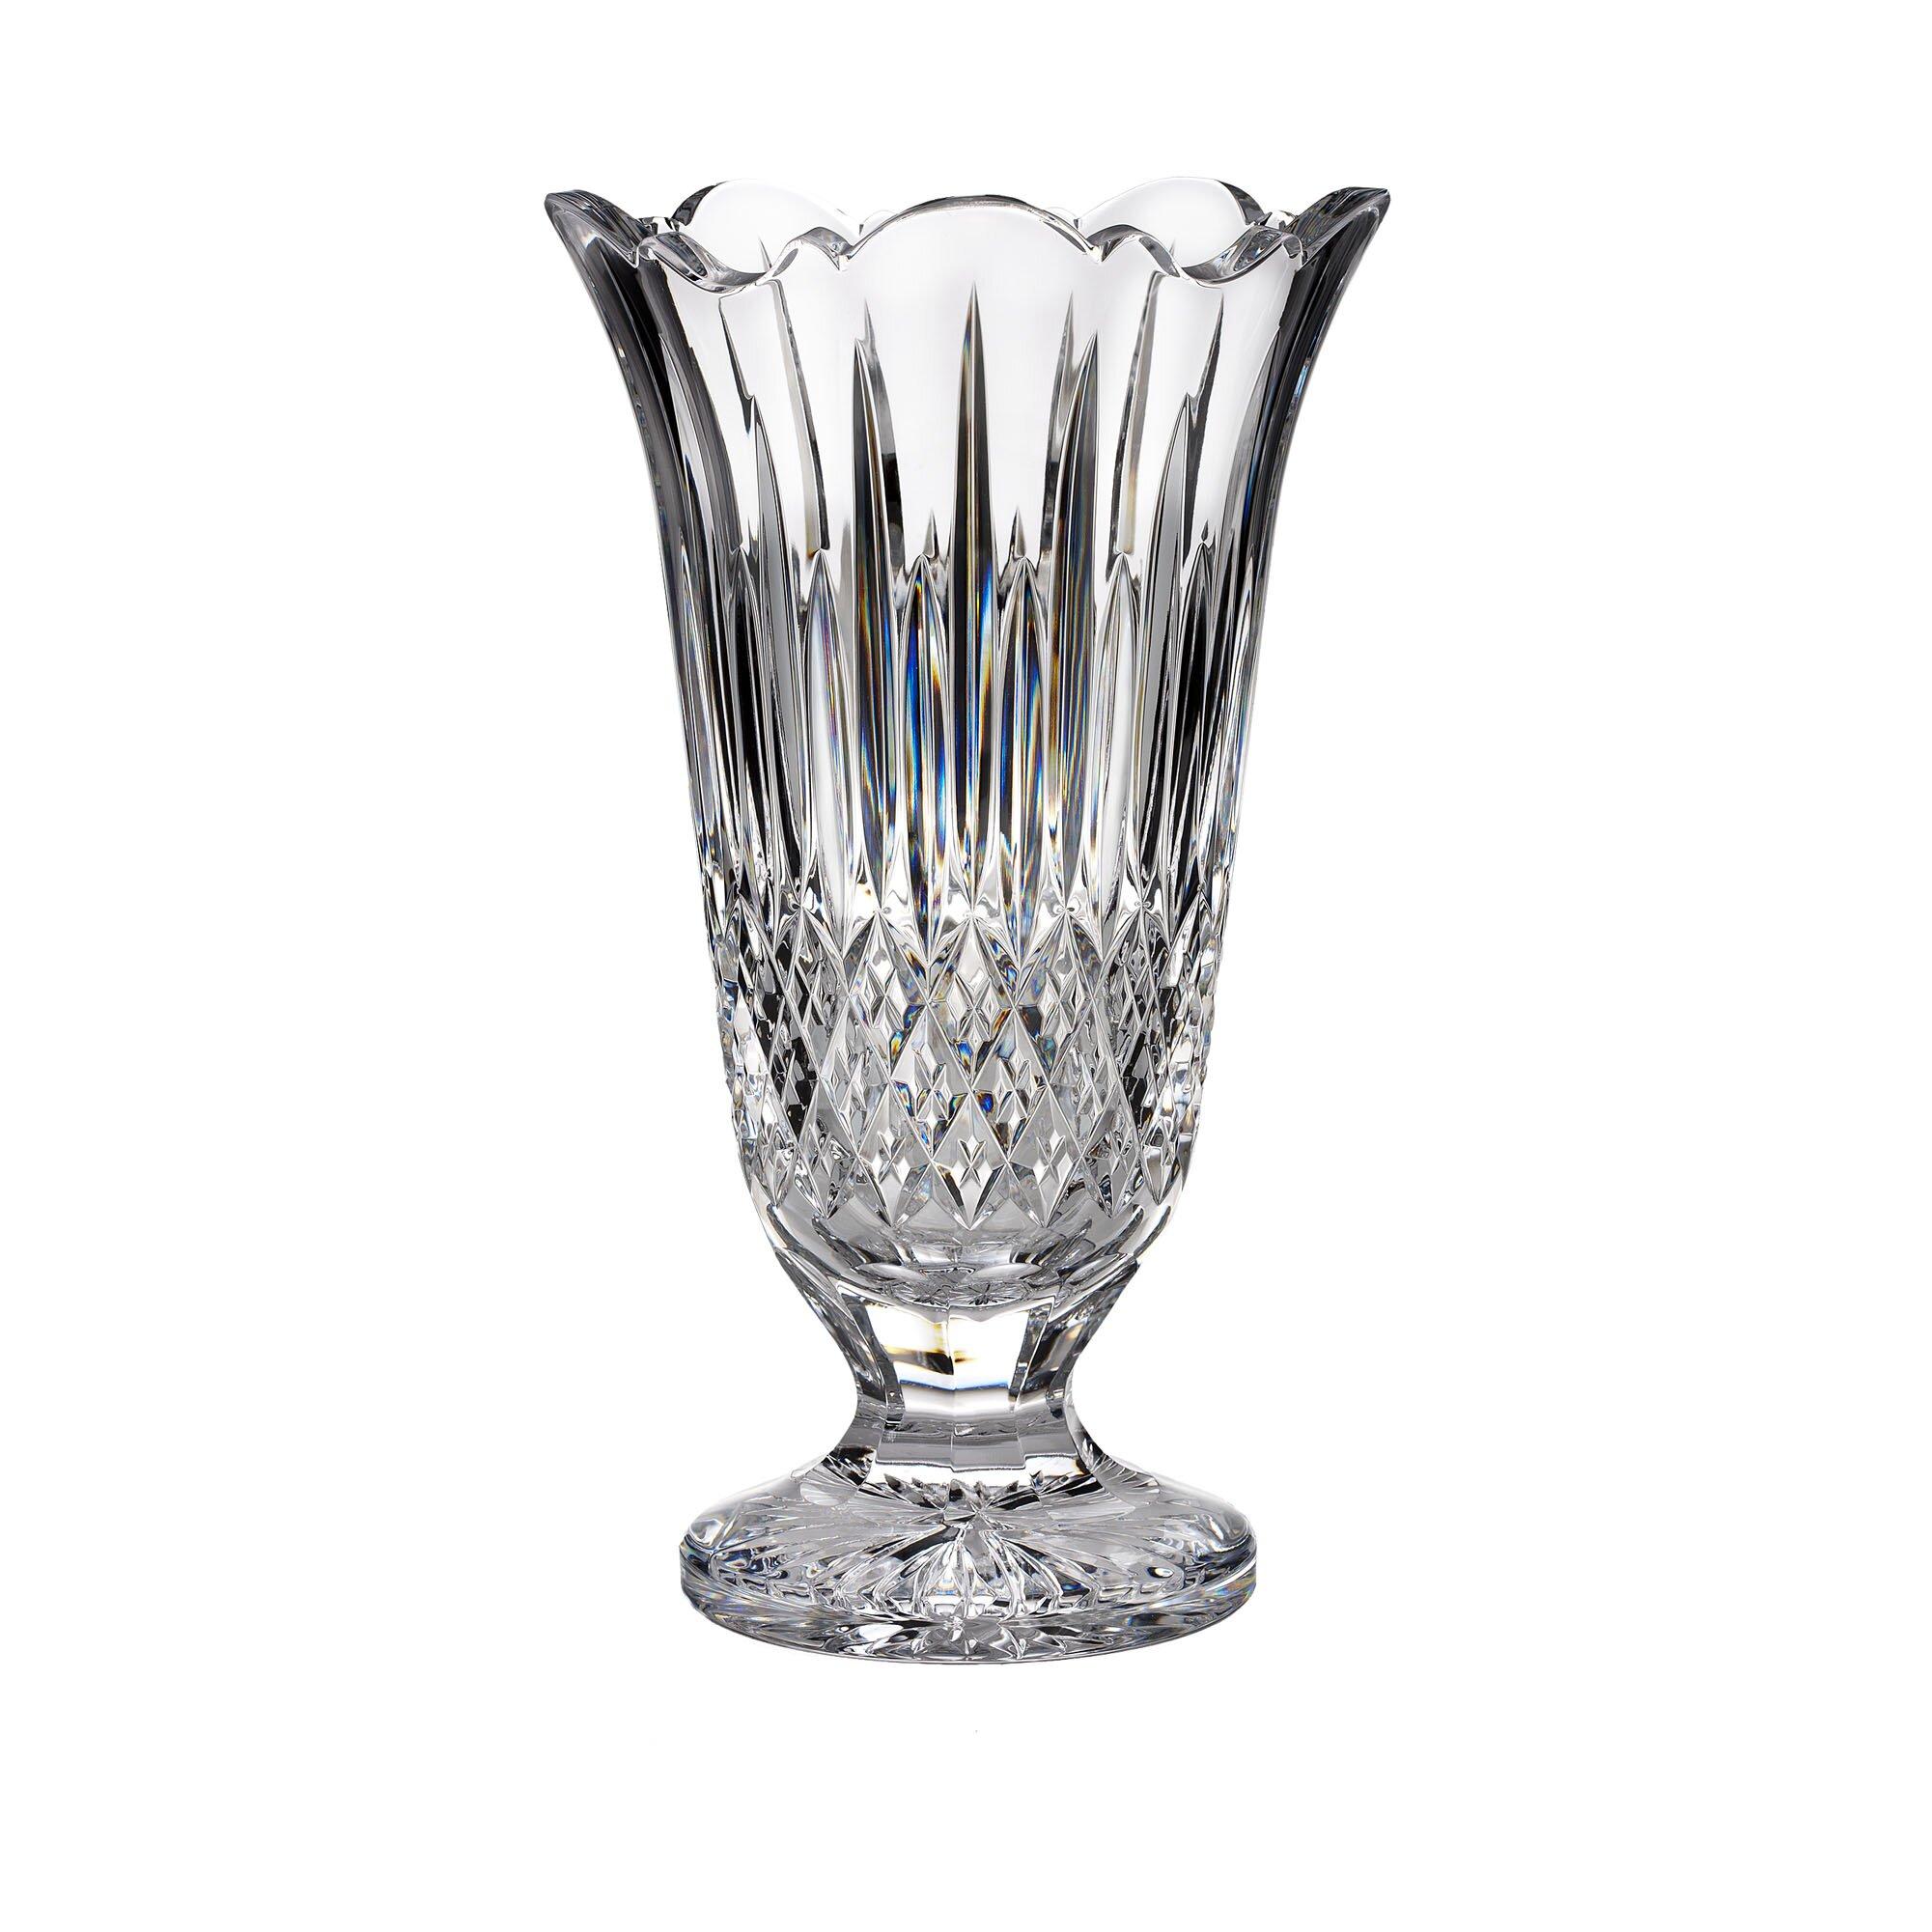 Waterford Centerpiece Vase Wayfair : Waterford Centerpiece Vase 158604 from www.wayfair.com size 2001 x 2001 jpeg 293kB